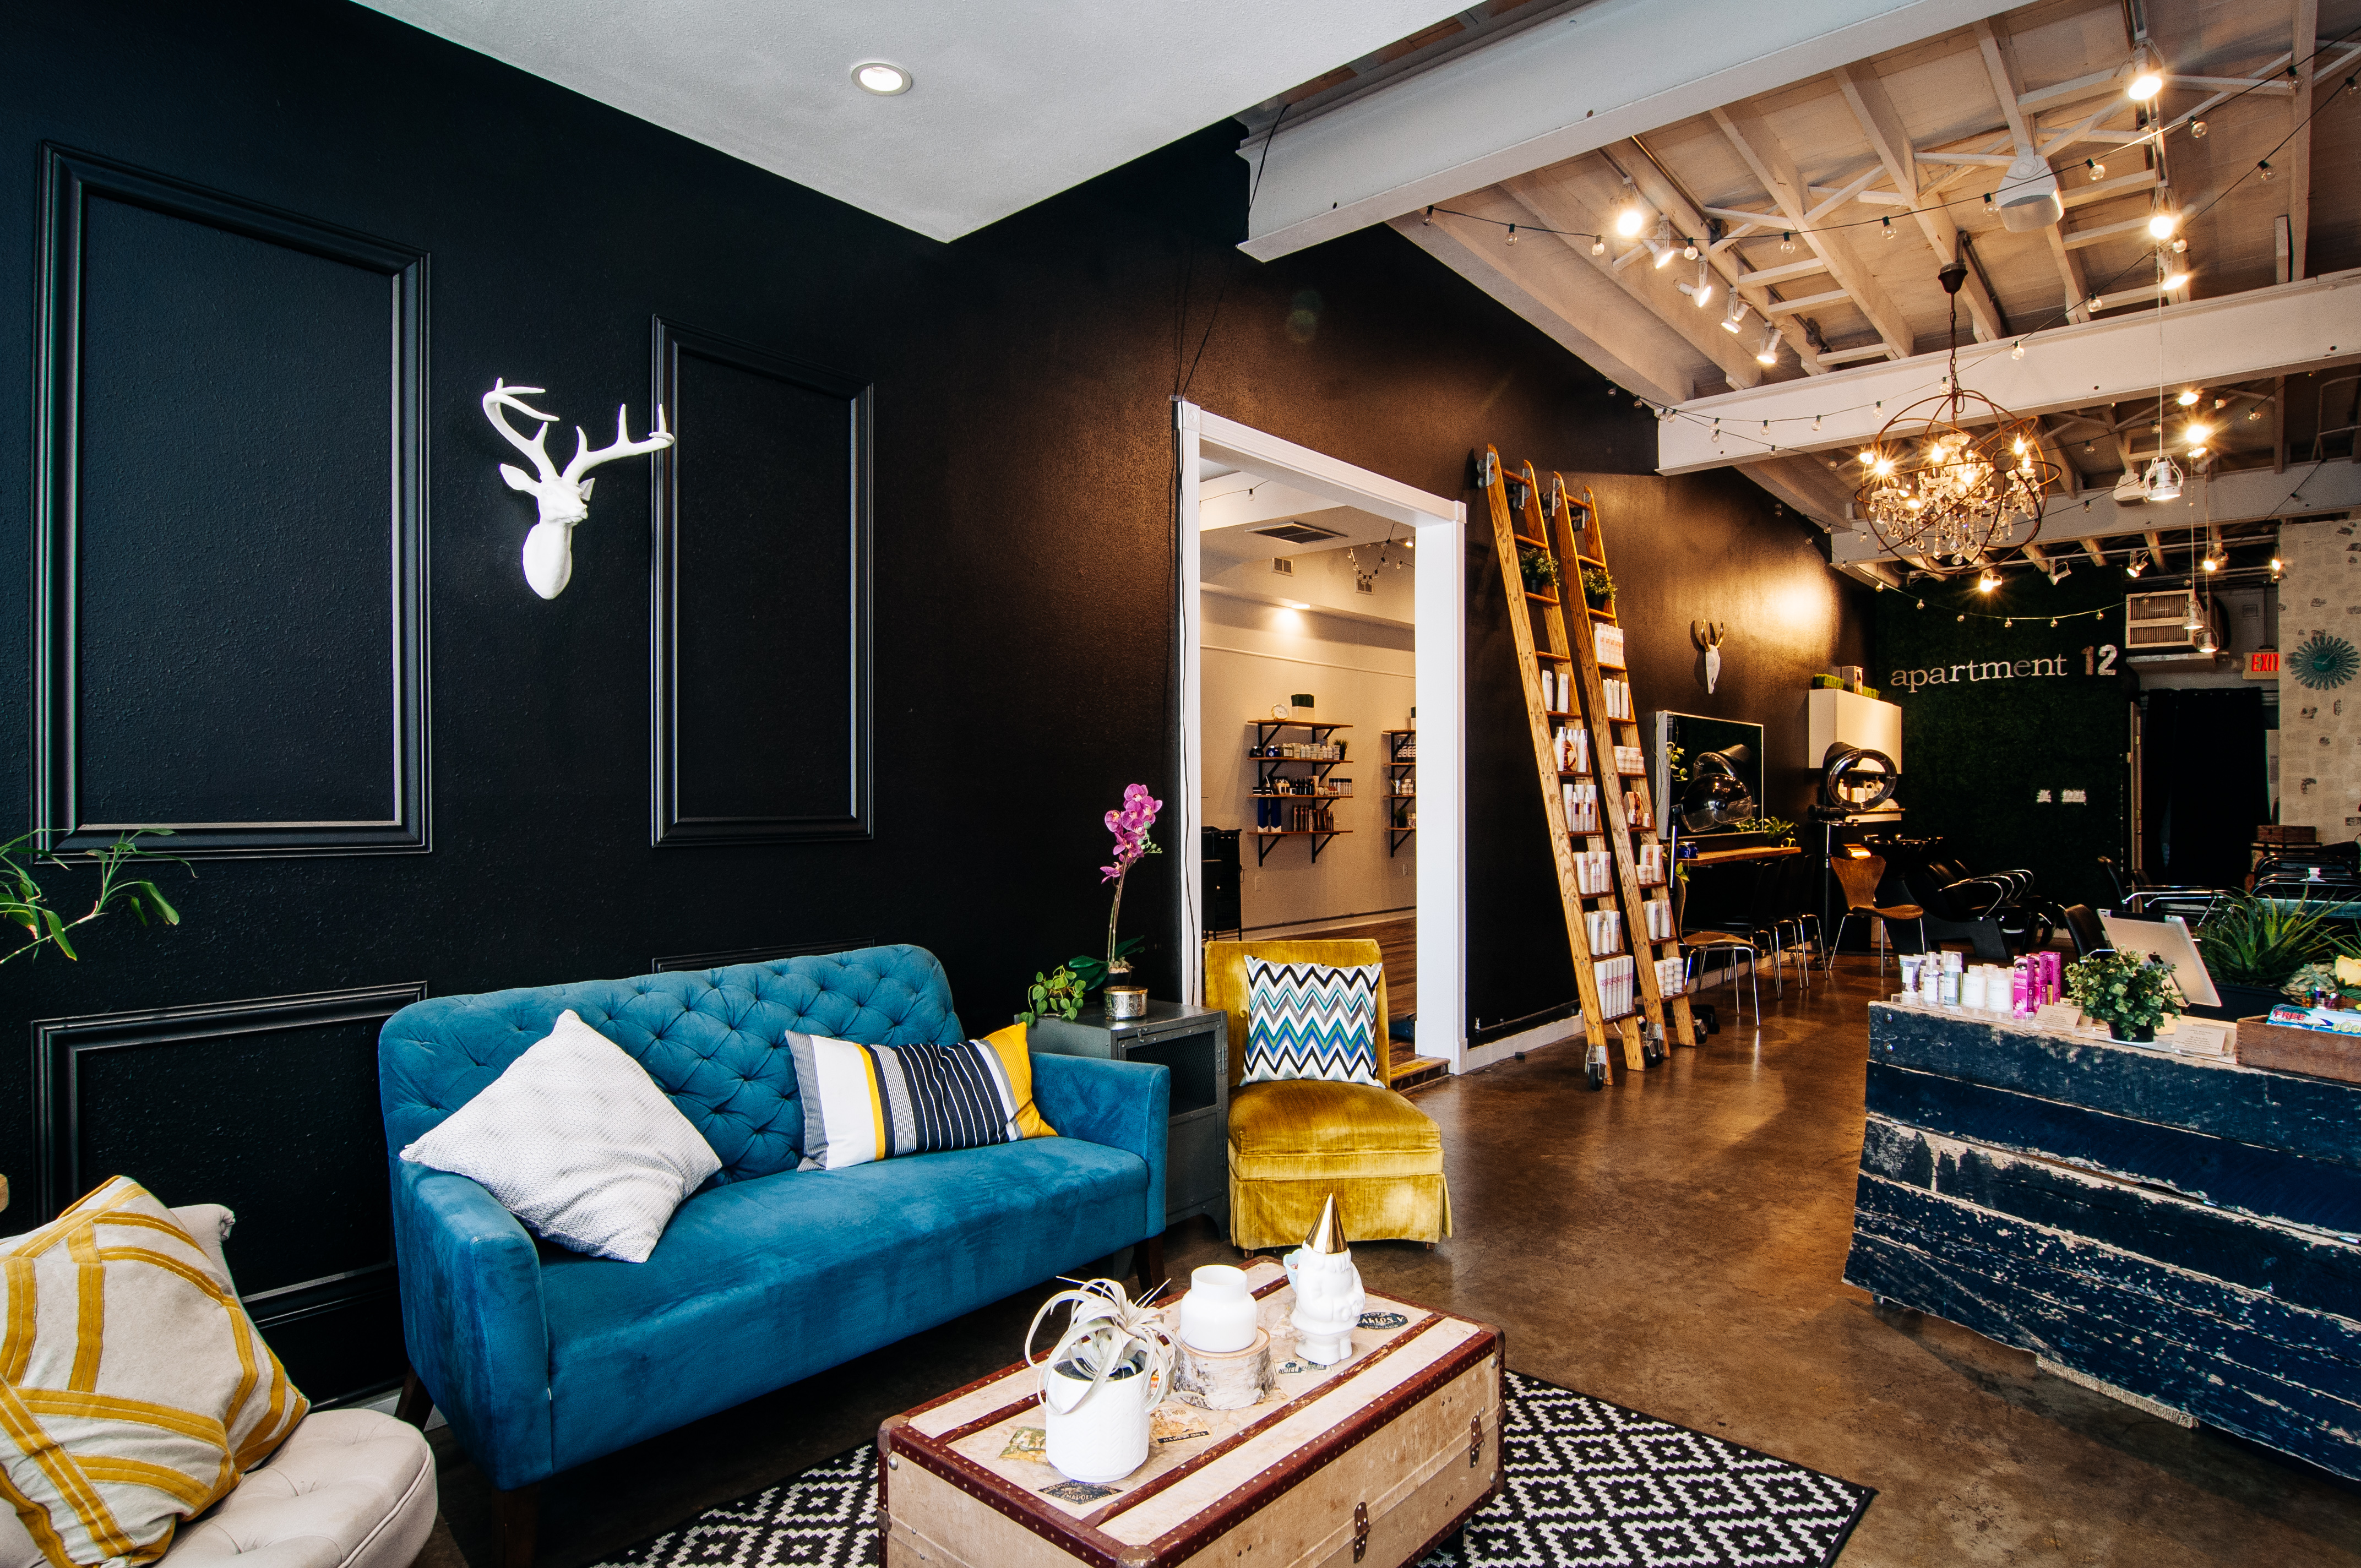 Apartment 12 Hair Studio